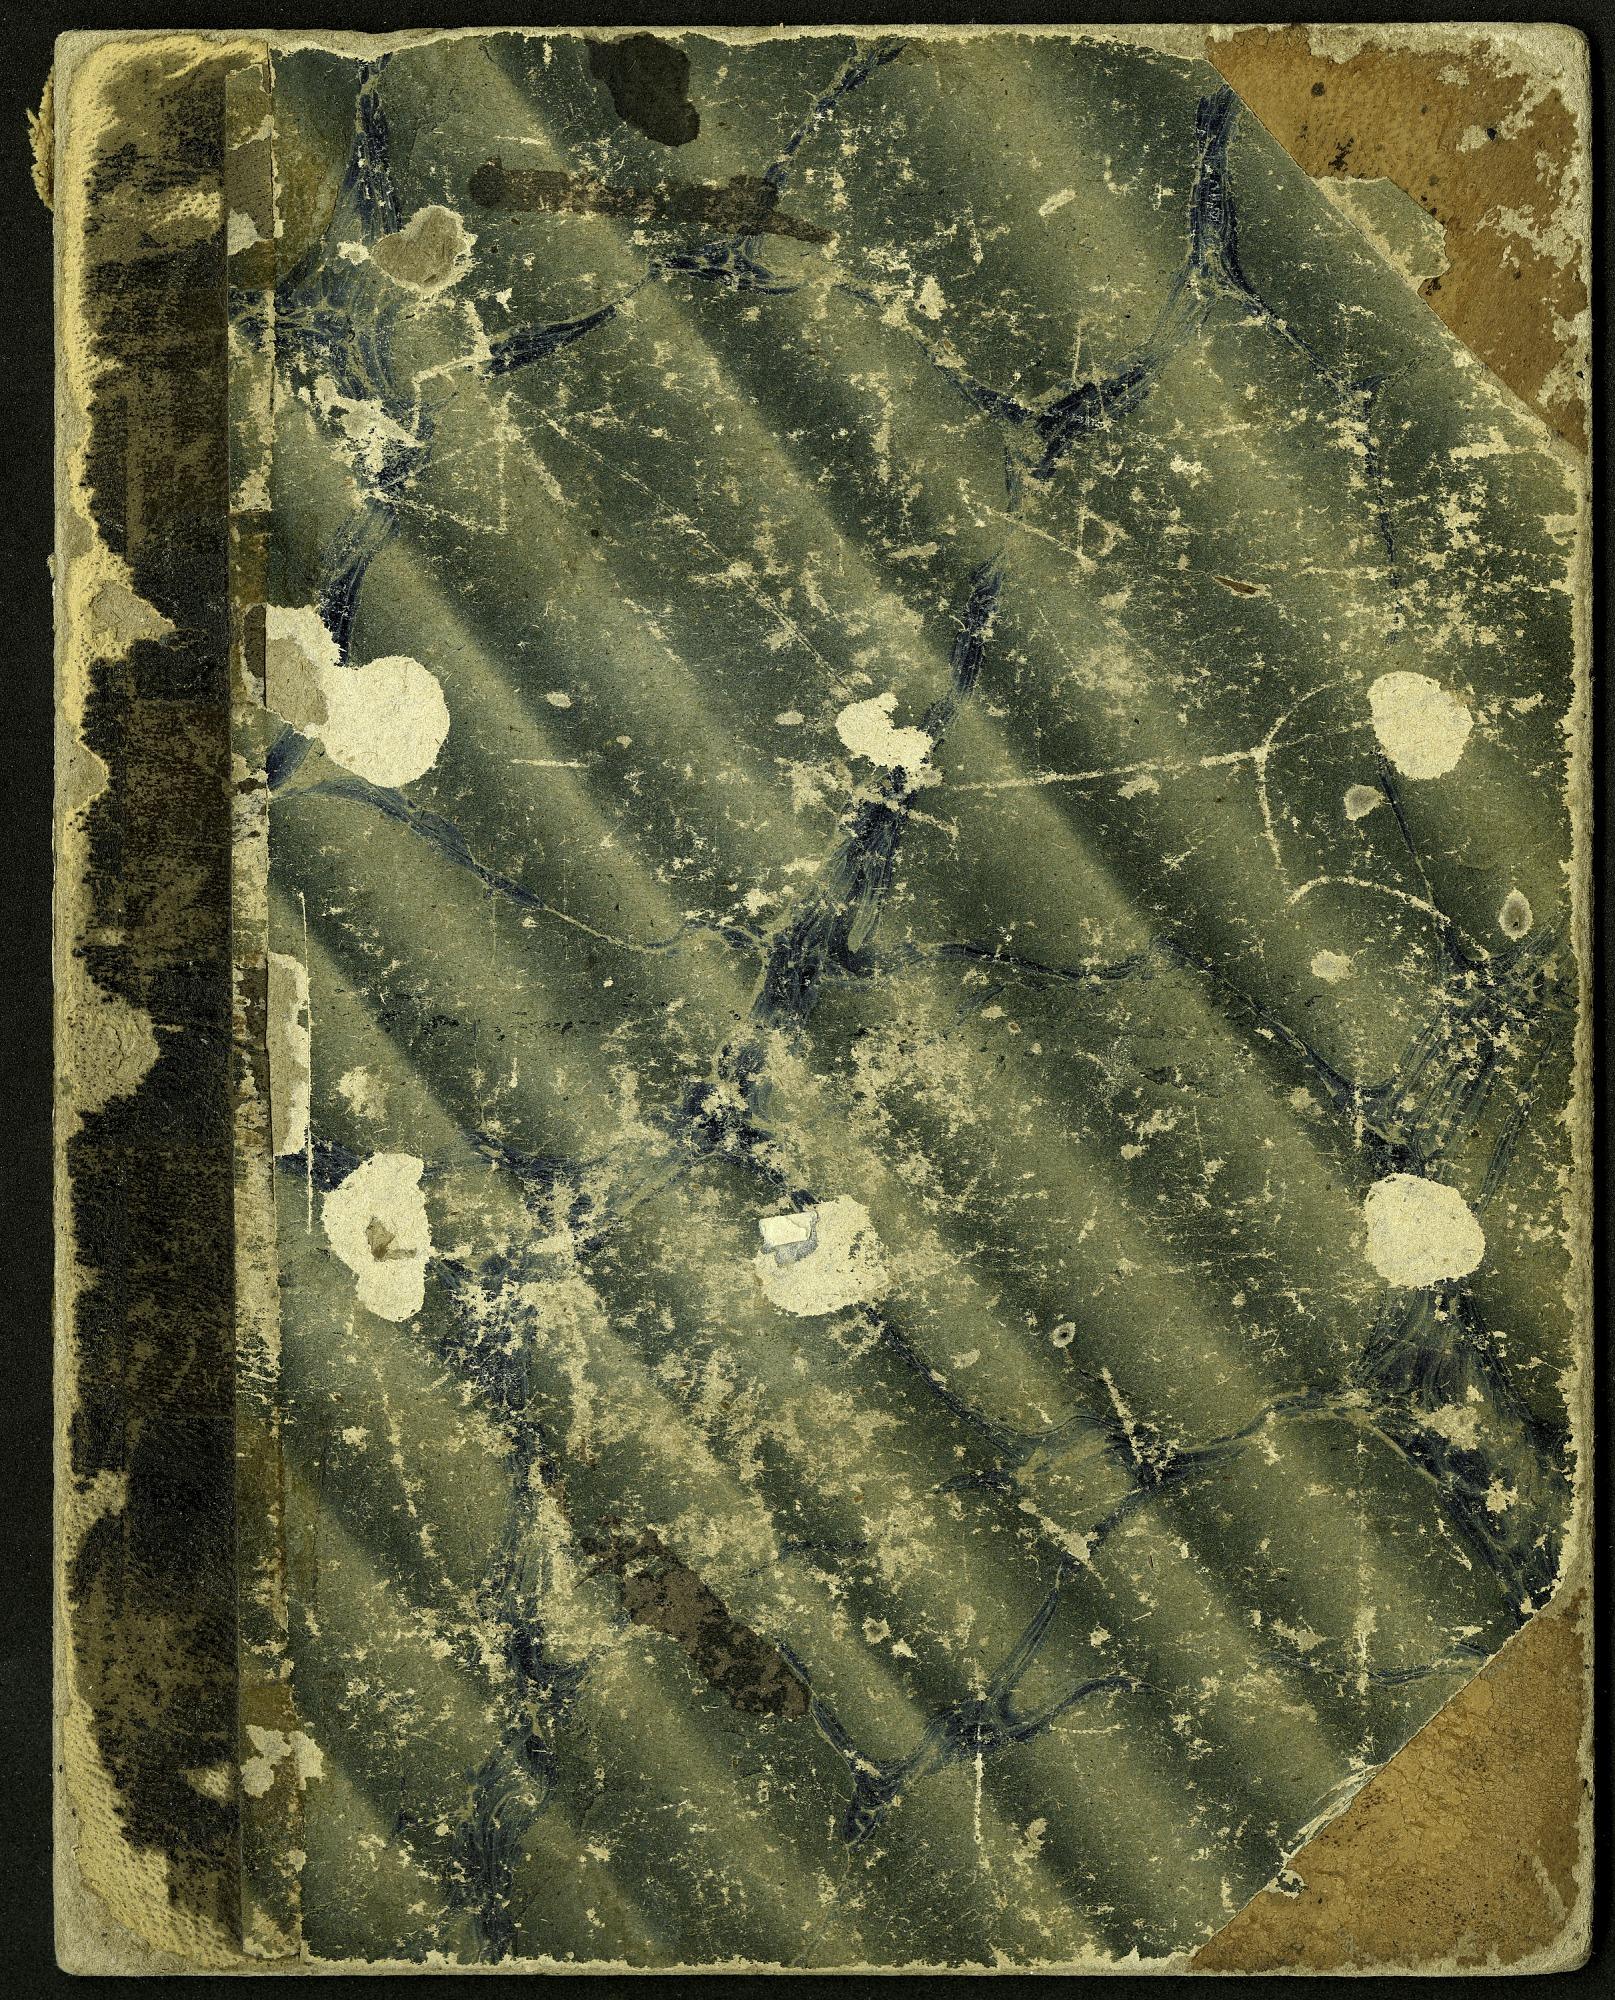 Mary Henry Diary, 1864-1868